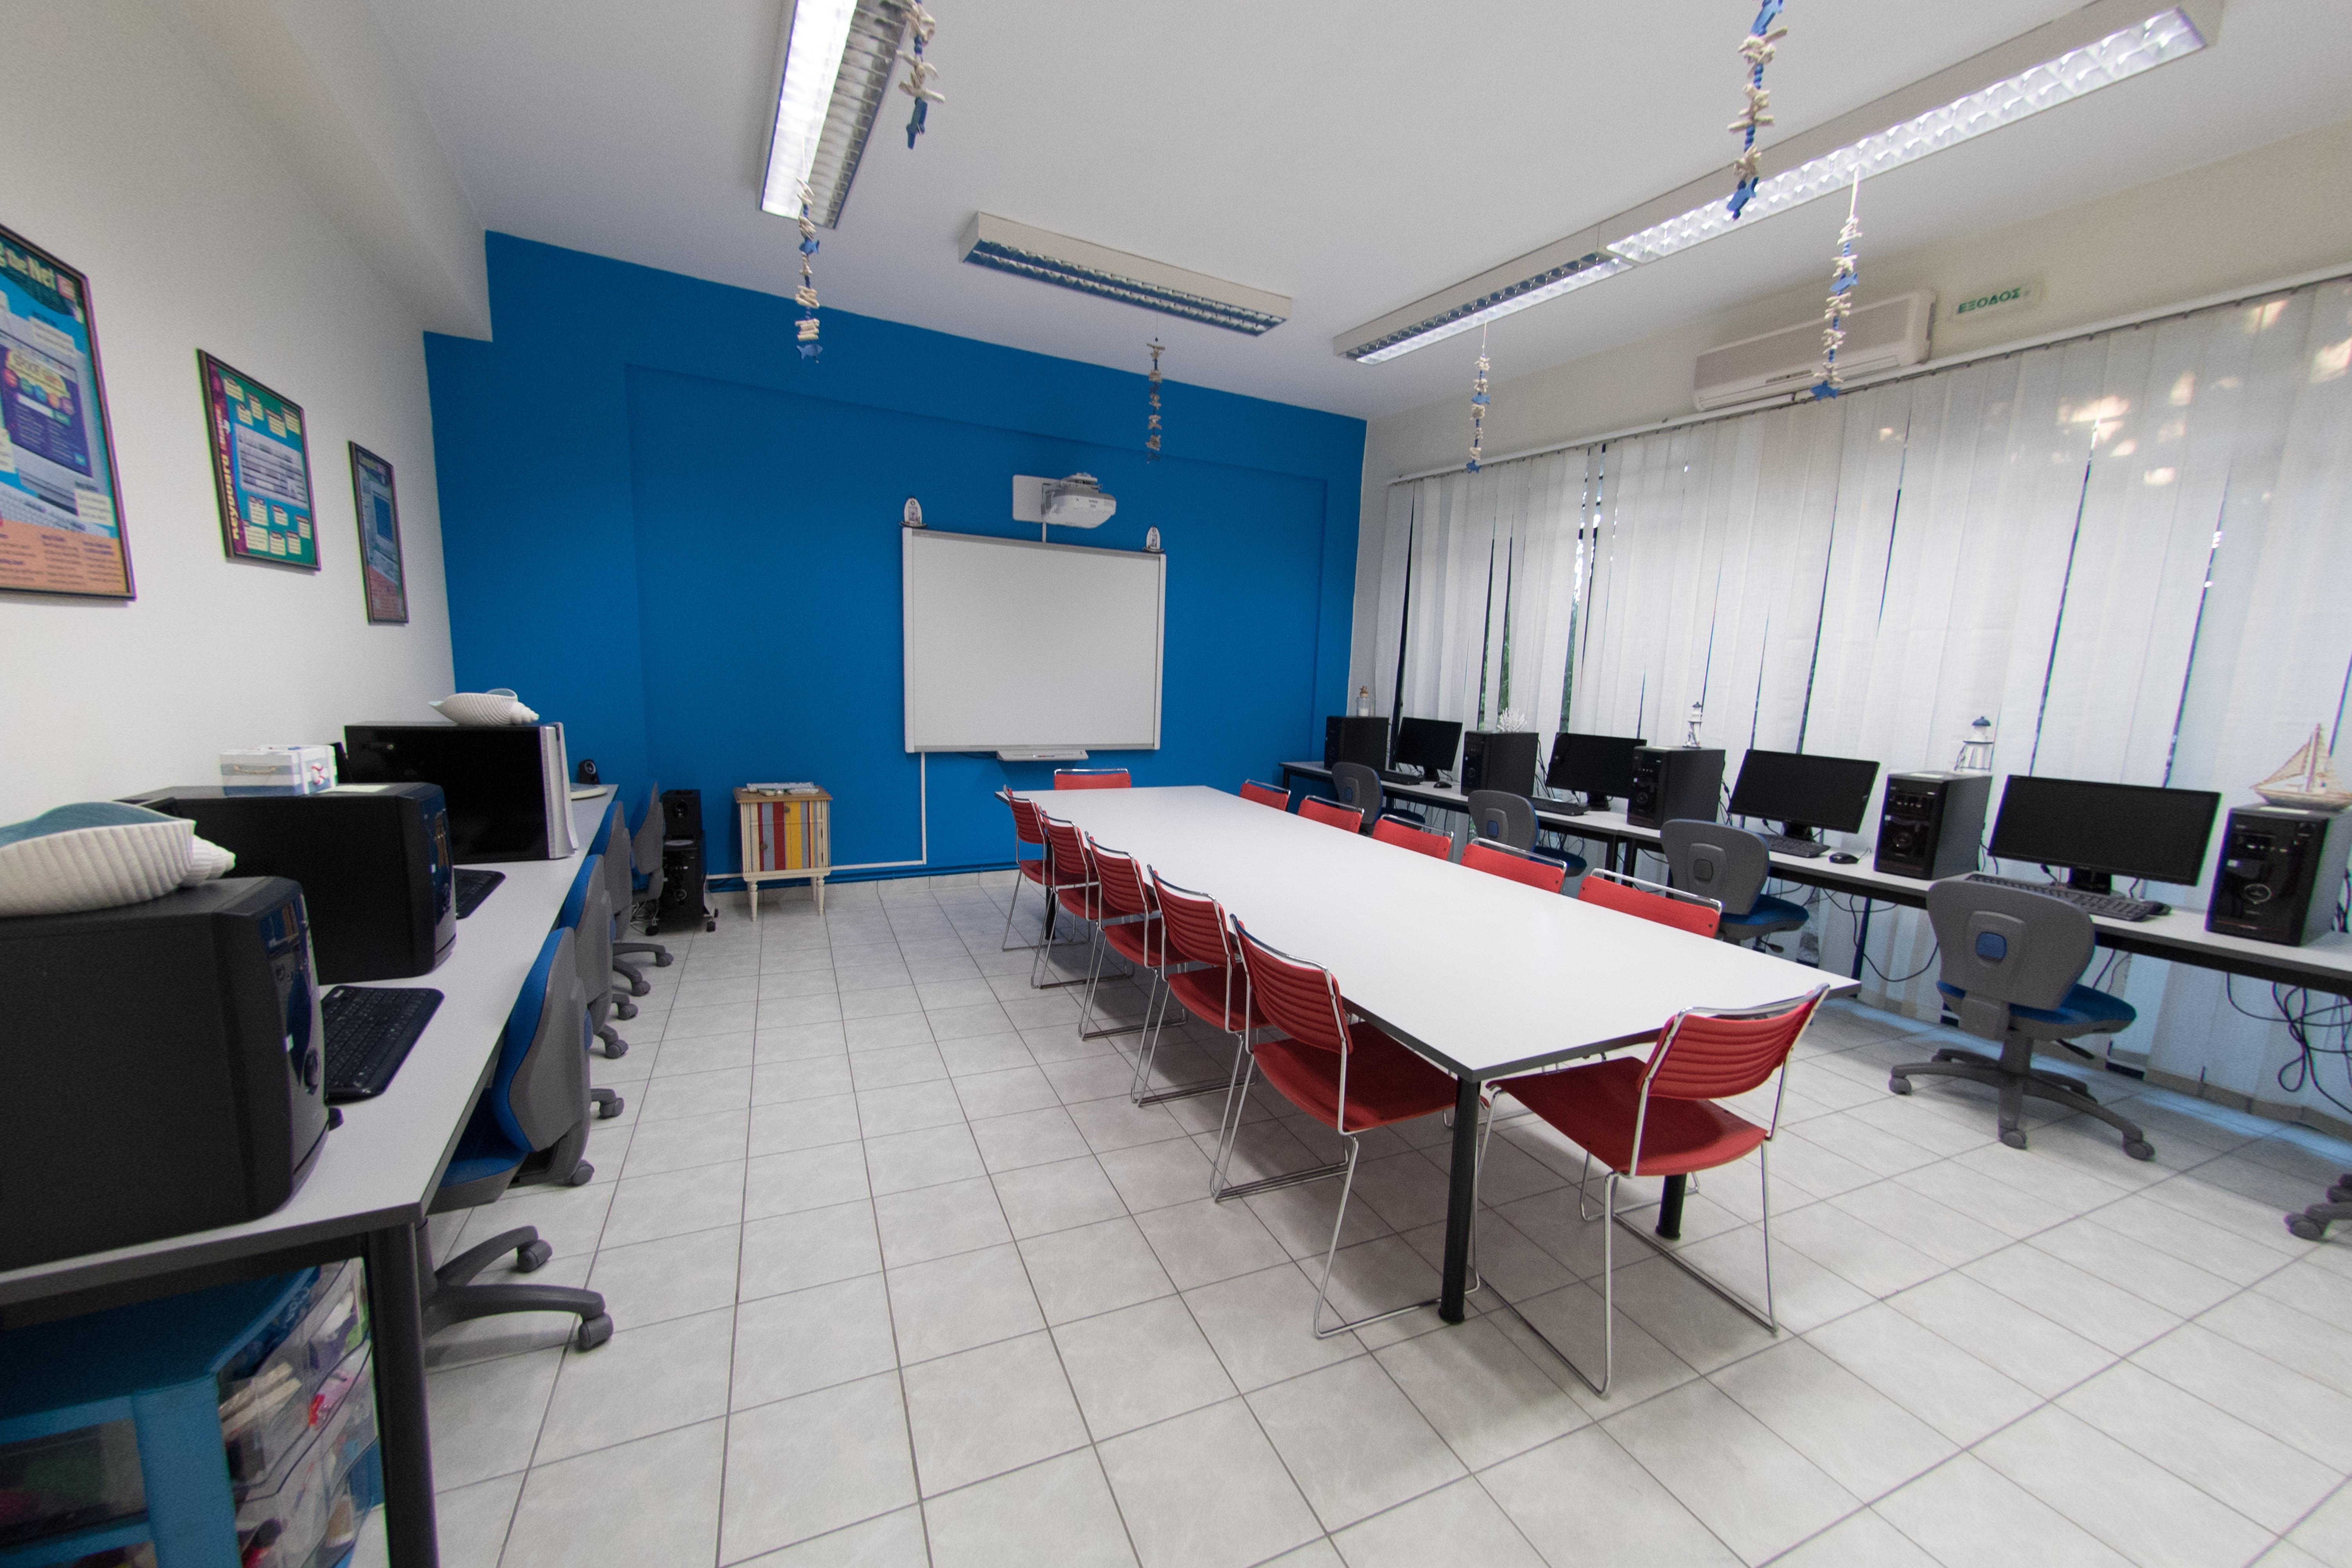 Αίθουσα πληροφορικής κεντρικού σχολείου